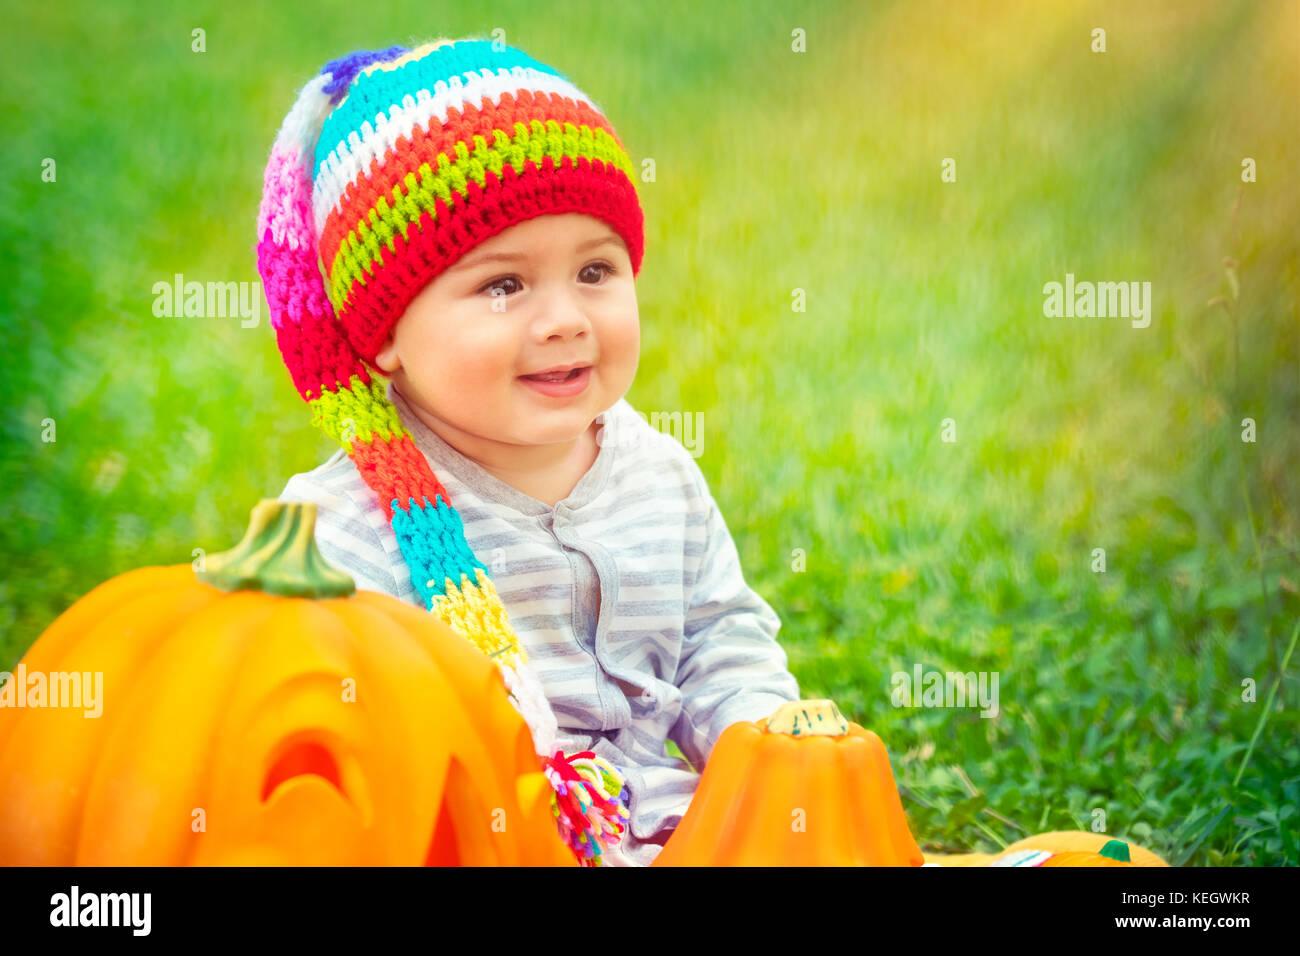 Kleines hübsches Kind sitzen auf der grünen Wiese in der Nähe von zwei süße Kürbisse Stockbild